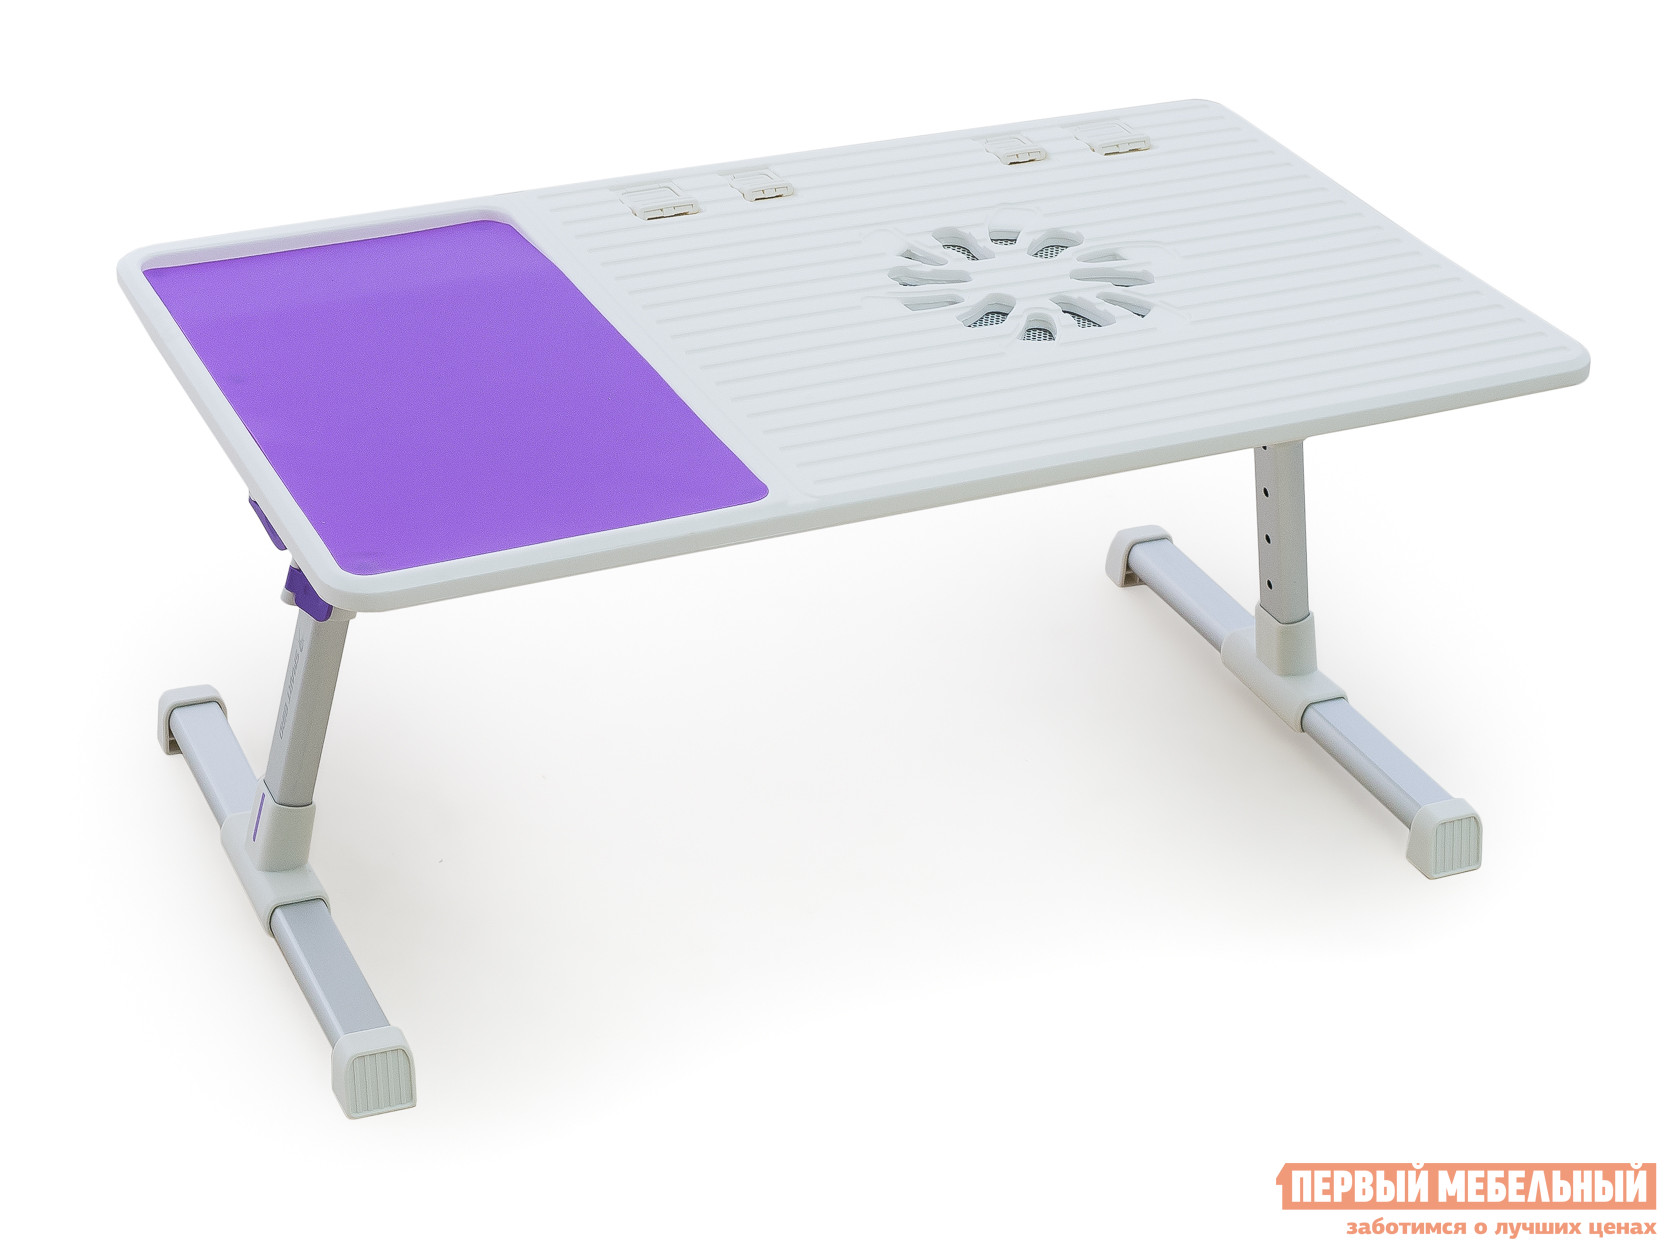 Подставка для ноутбука Smart bird PT-36 Белый / Сиреневый от Купистол